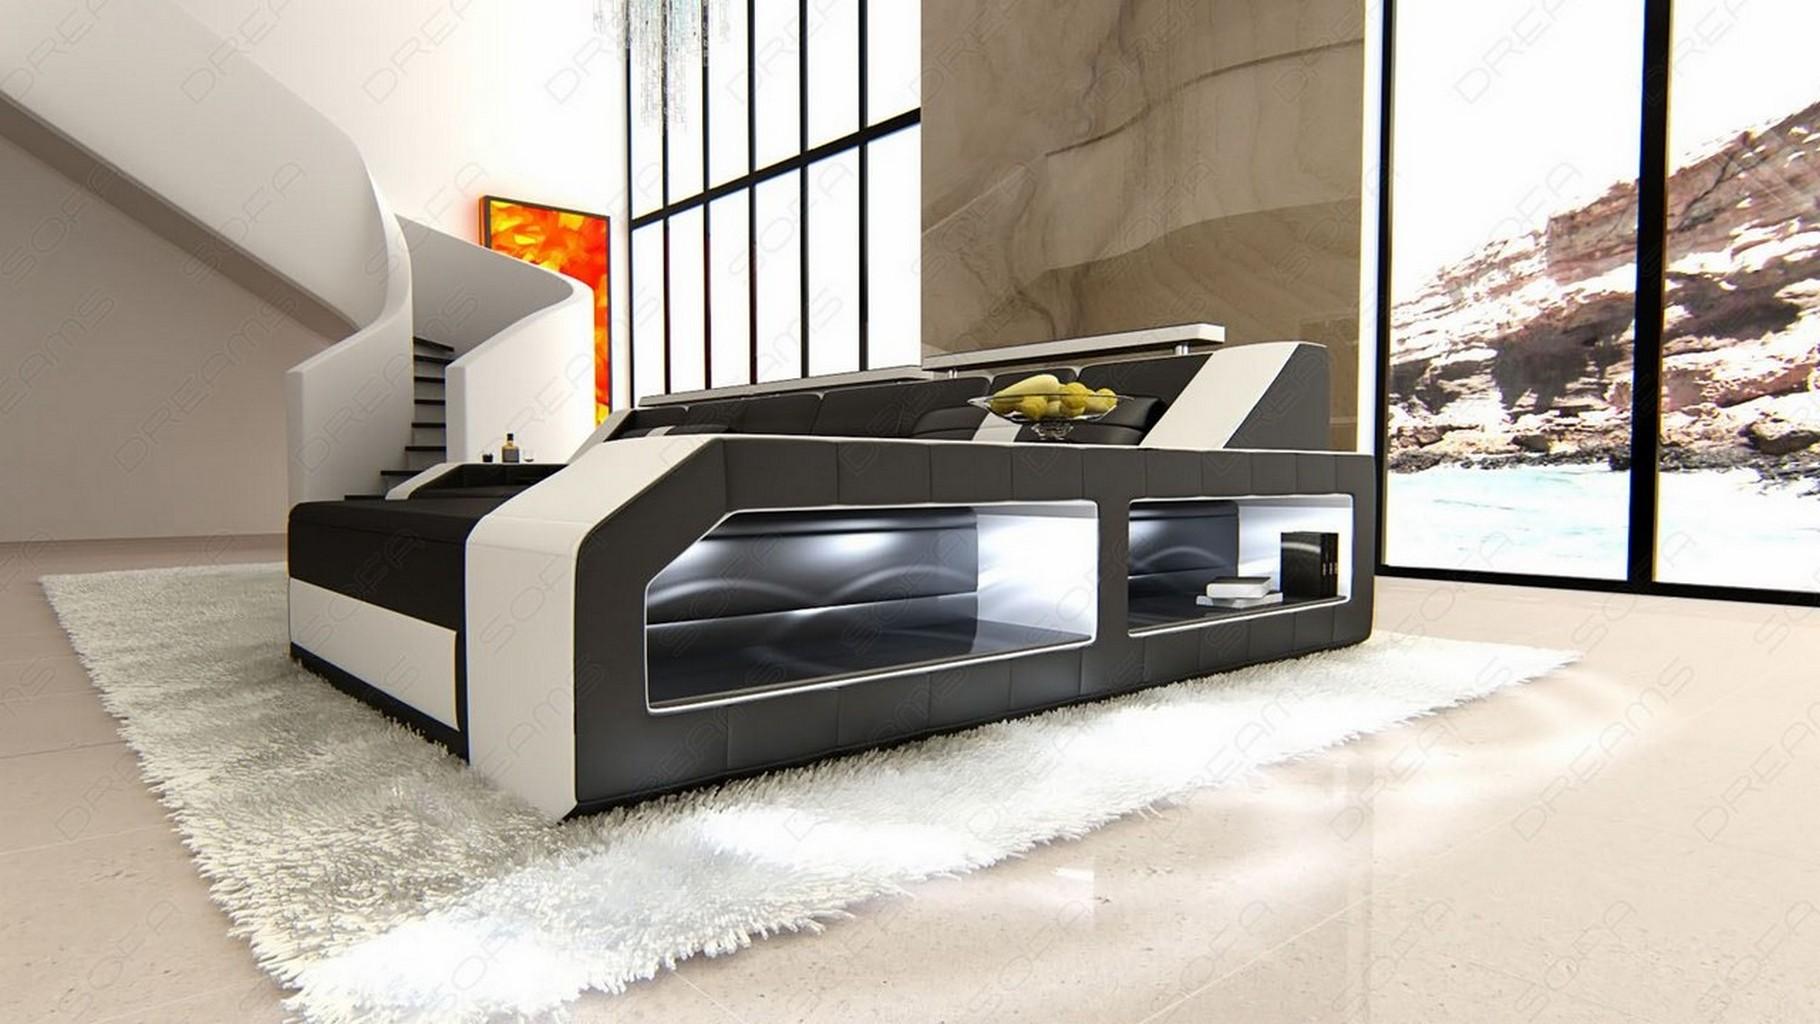 ledersofa arezzo l form eckcouch mit beleuchtung schwarz weiss lagerware 4055497023168 ebay. Black Bedroom Furniture Sets. Home Design Ideas